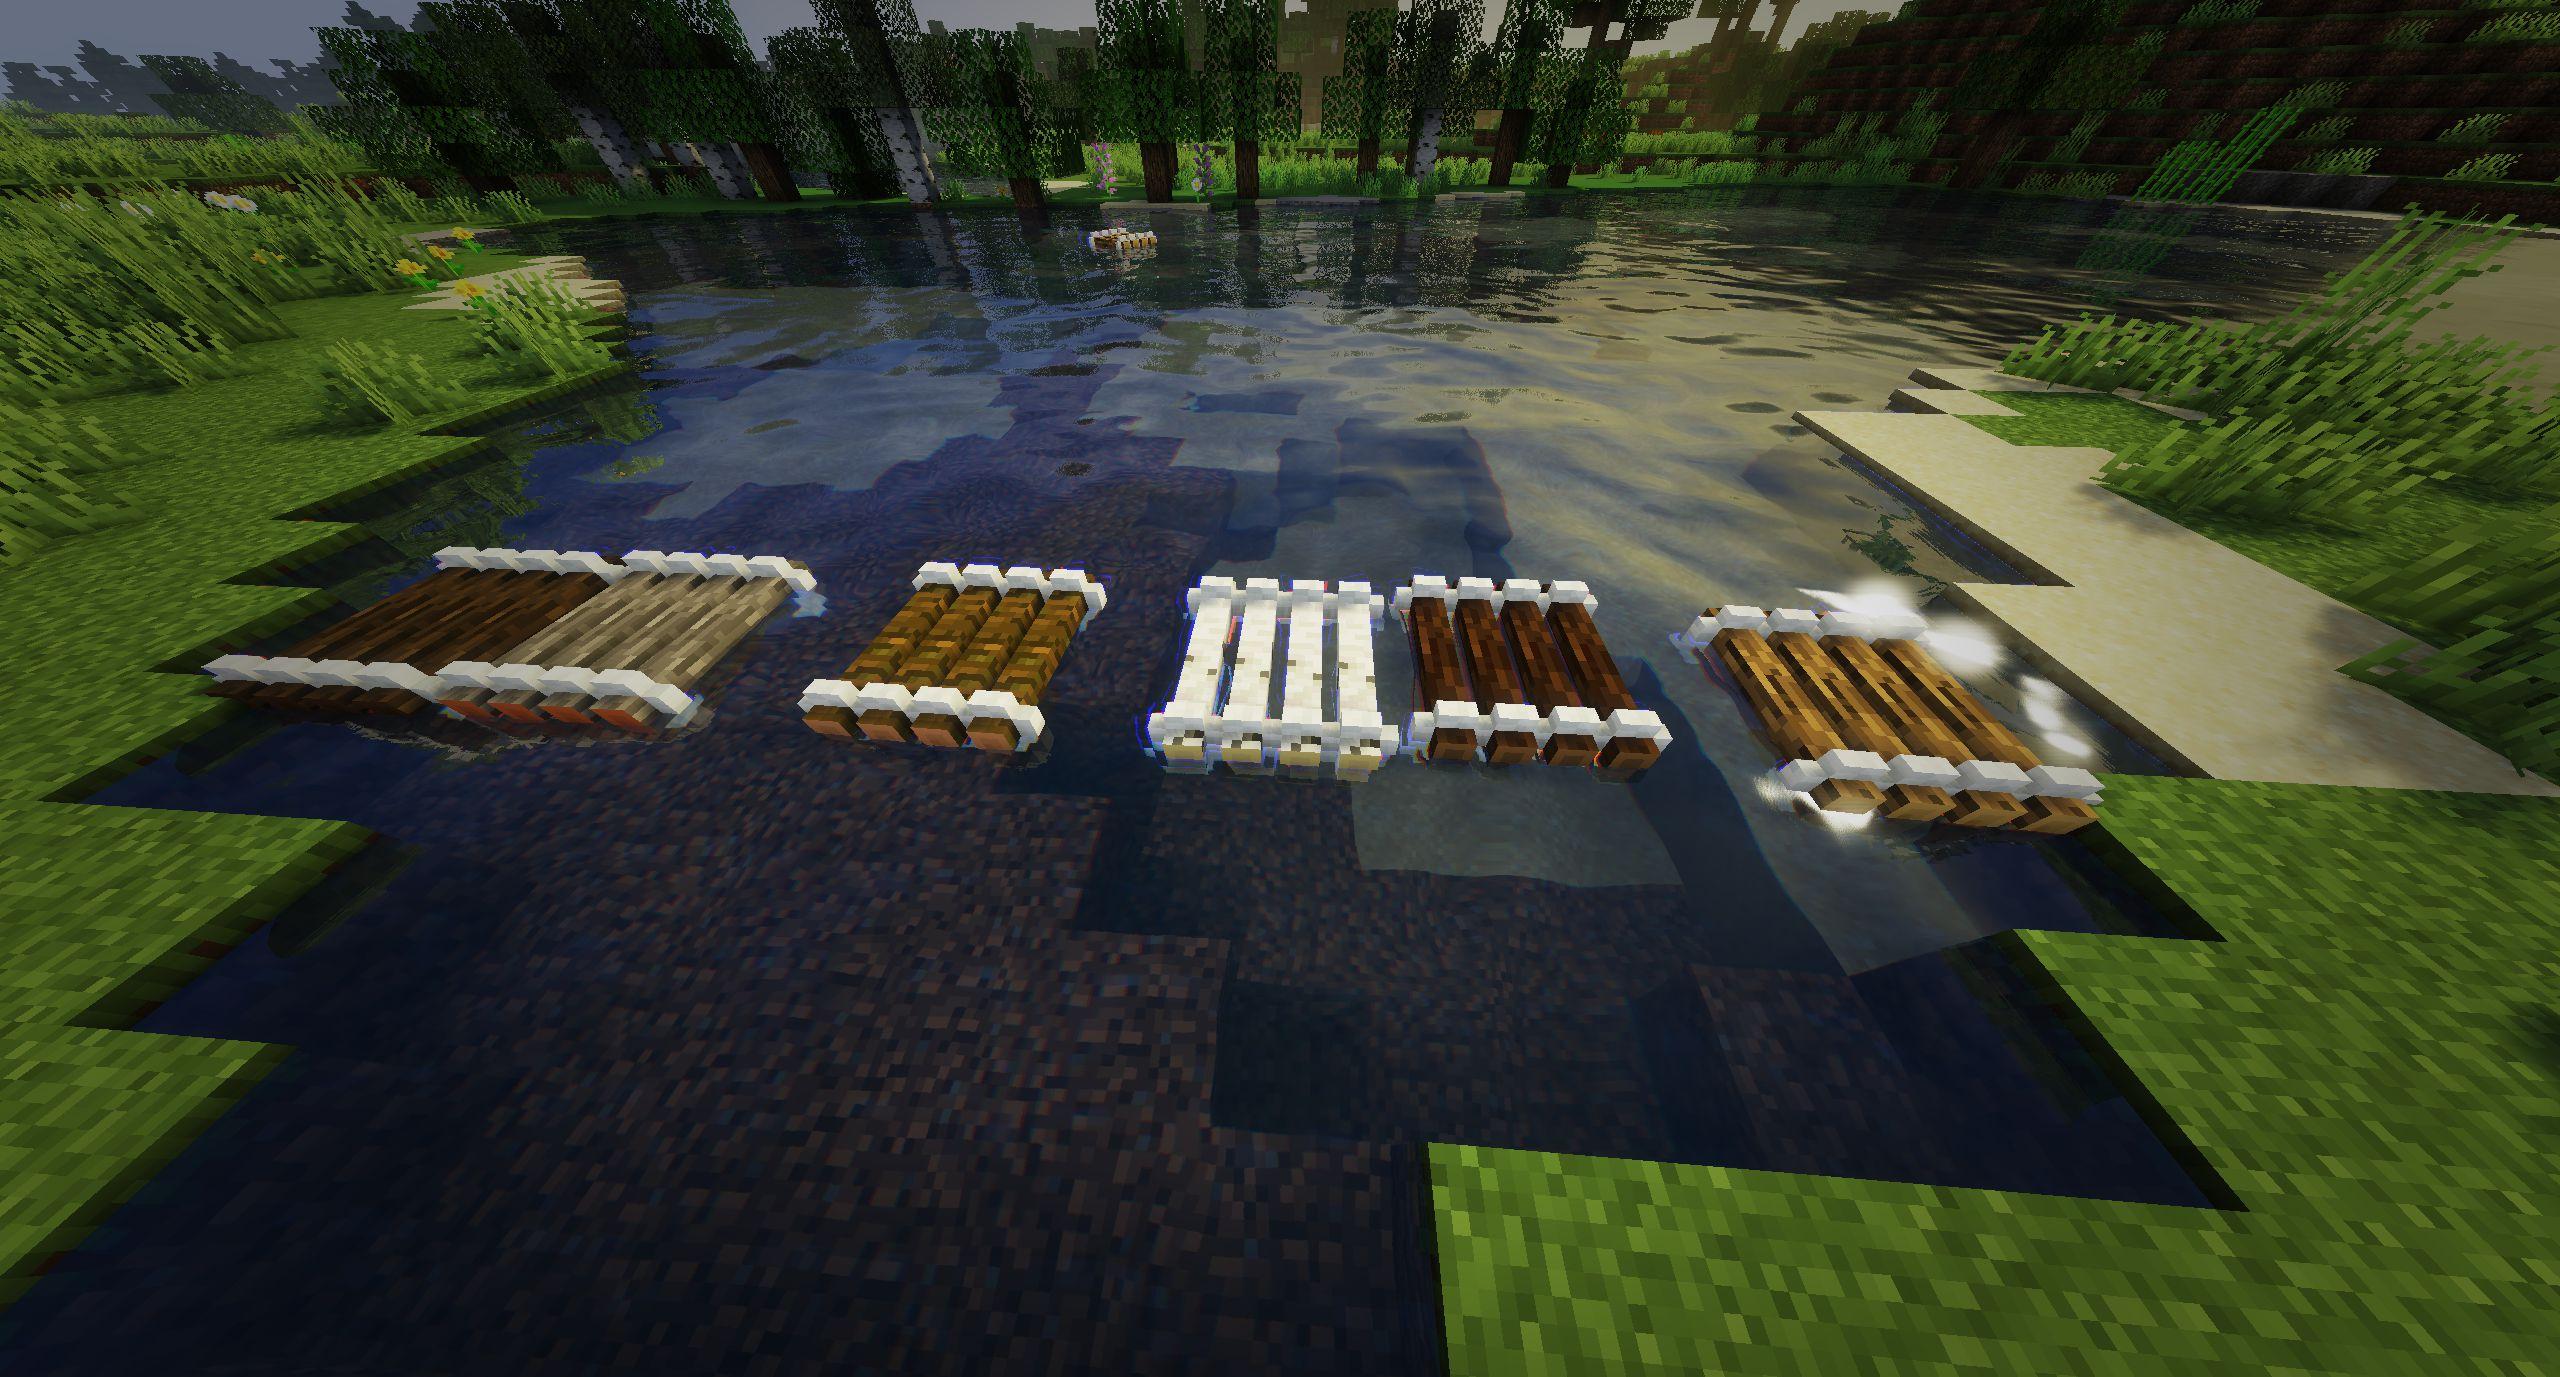 Мод на плот «Just A Raft» (быстрая лодка) - скриншот 2